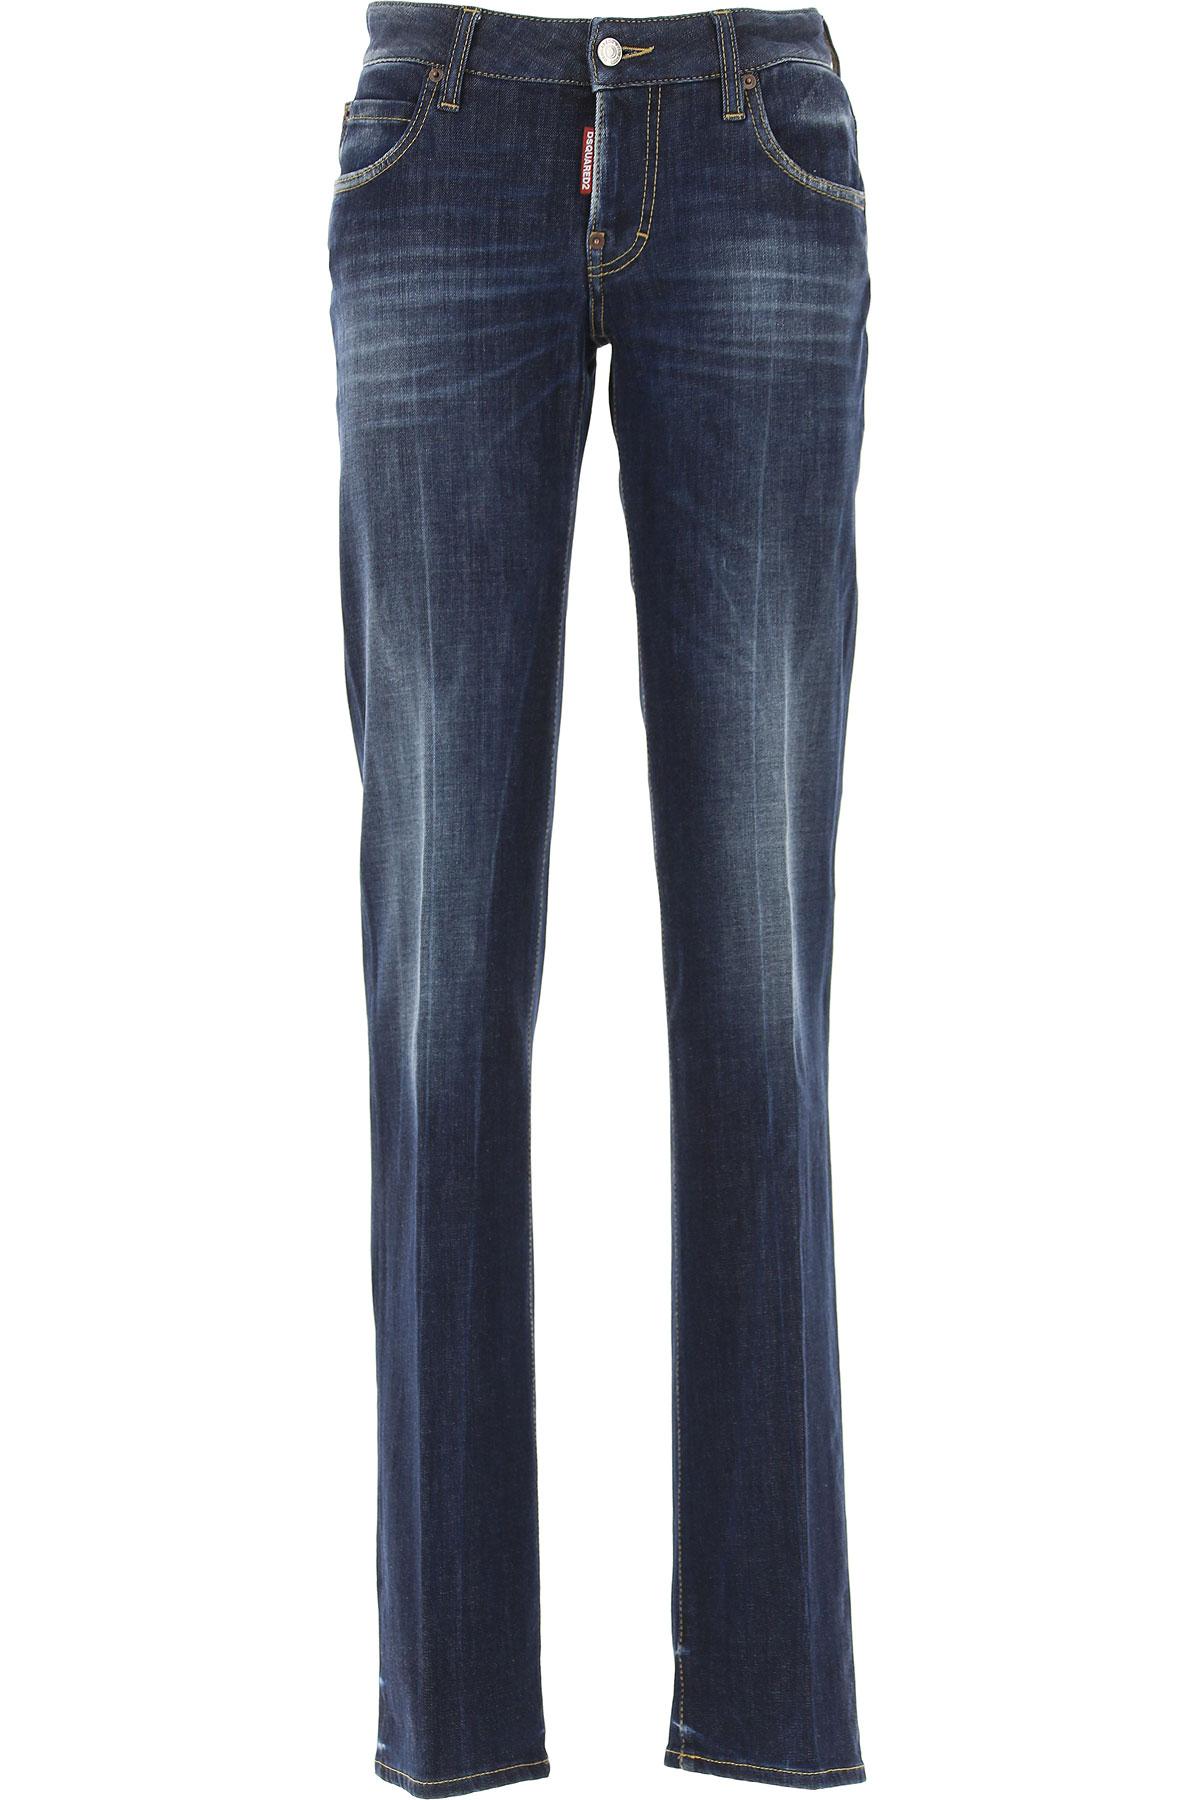 Dsquared2 Jeans On Sale, Blue Denim, Cotton, 2017, 22 24 26 28 34